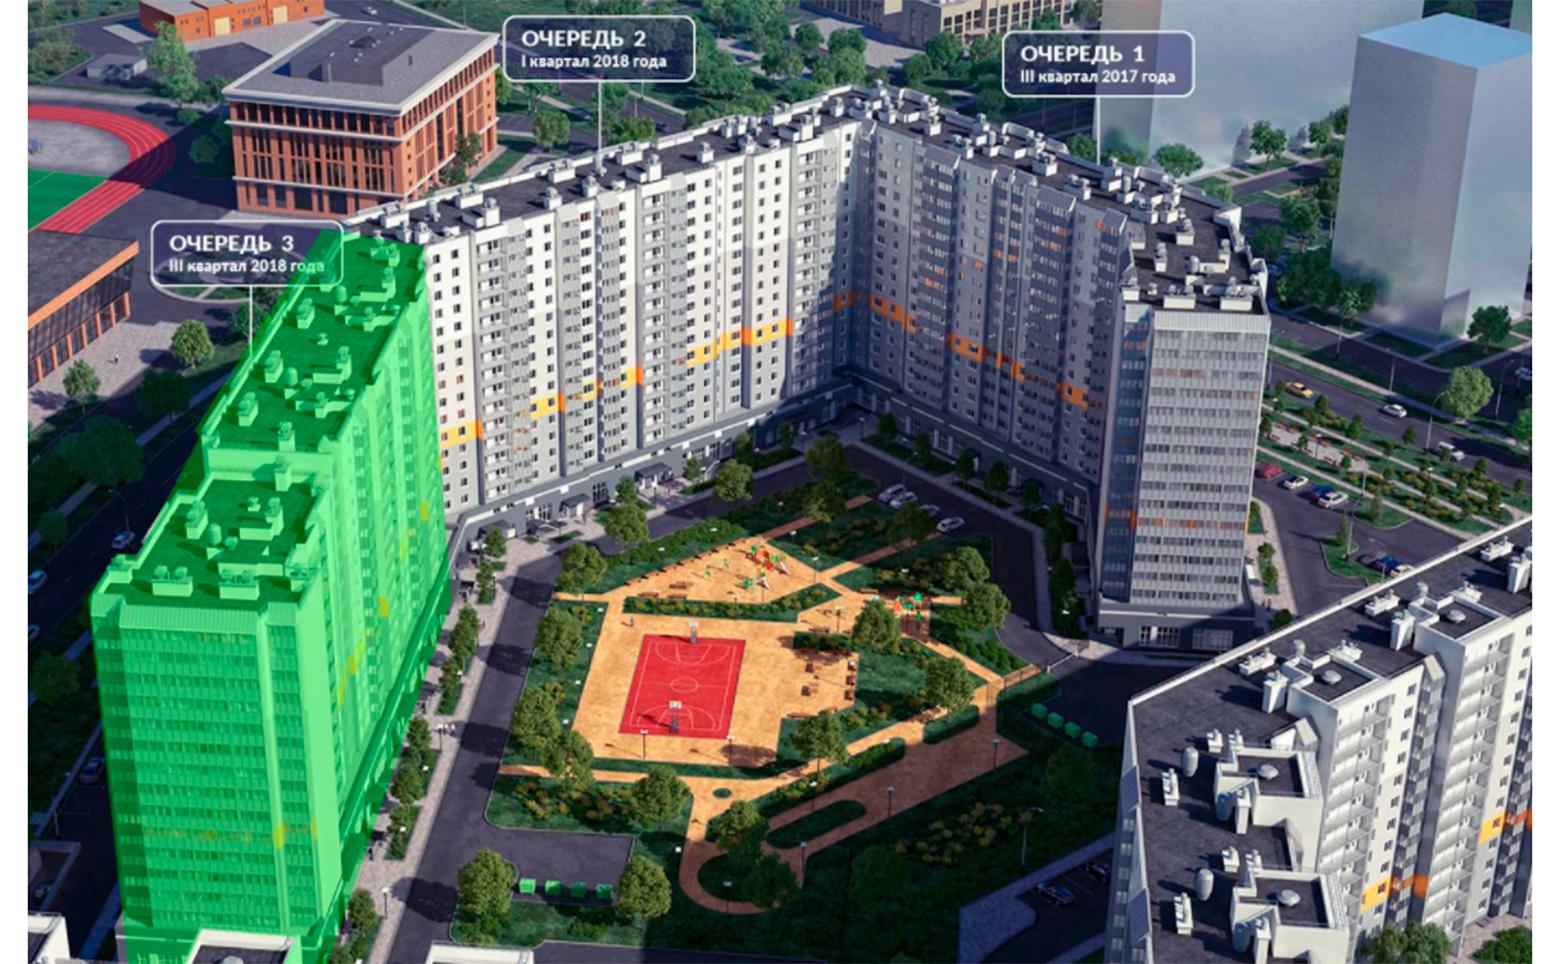 План жилого комплекса ЖК Новое Горелово